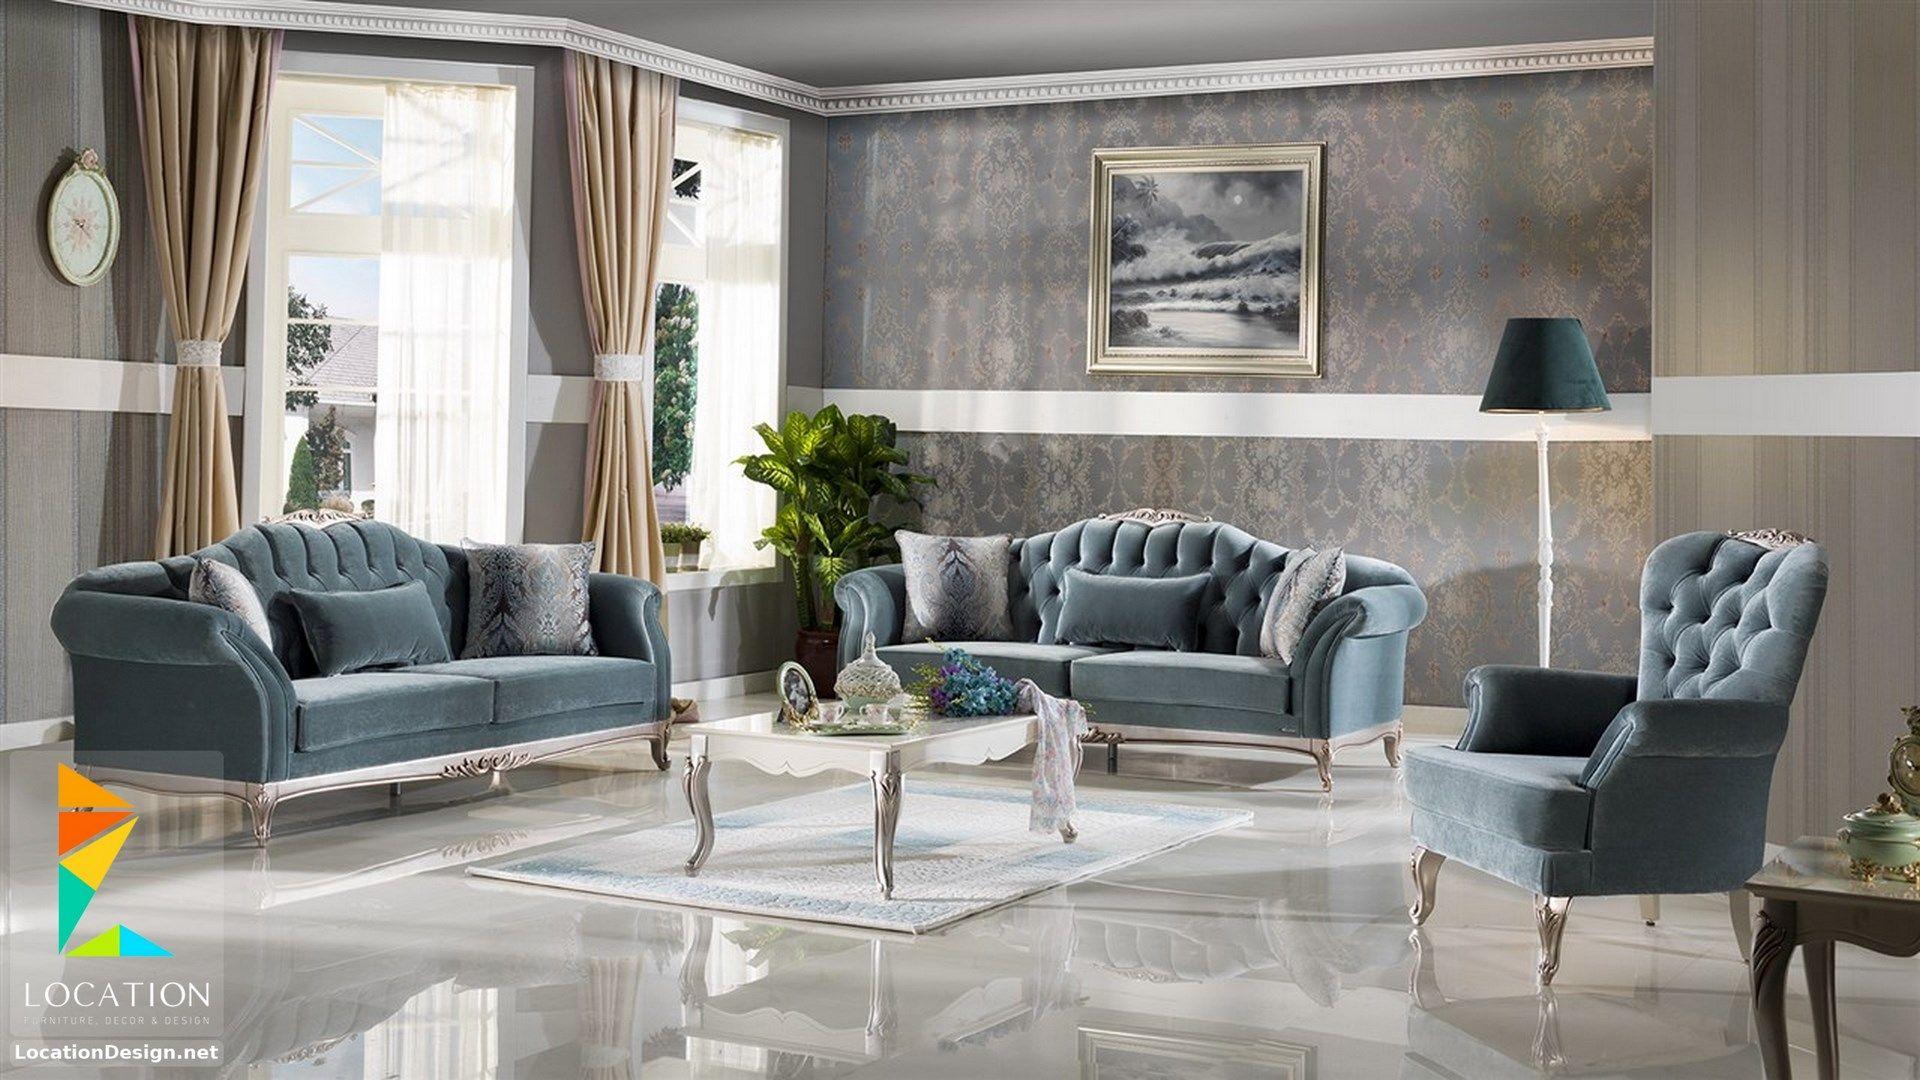 اشكال انتريهات مودرن من أحدث موديلات كنب الأنتريه التركي 2019 Furniture Sofa Furniture Furniture Design